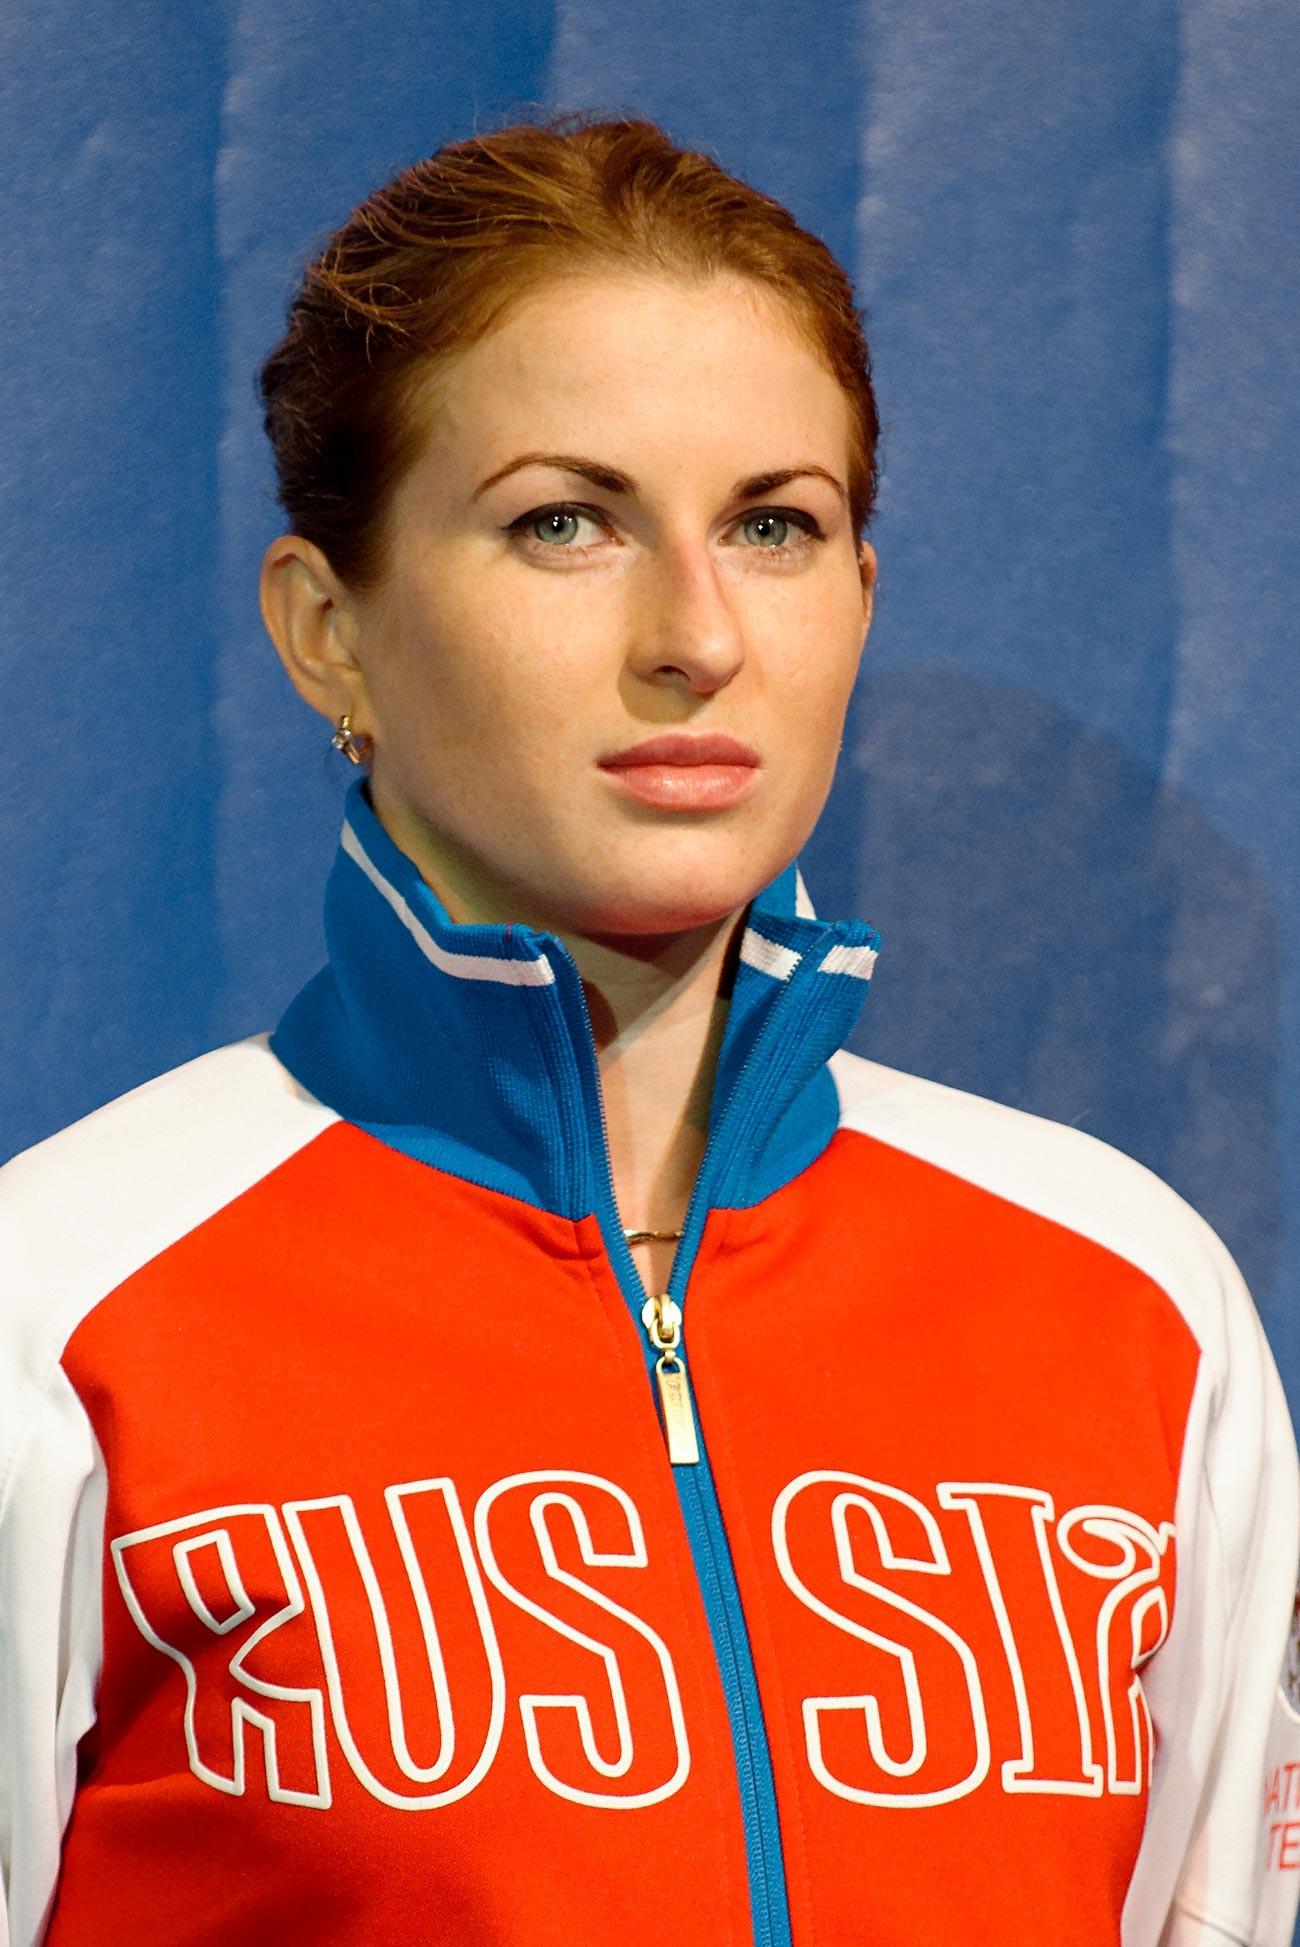 Russlands Inna Deriglasowa steht auf dem Florett-Podium der Frauen der Fecht-Weltmeisterschaft 2013 2013 in der Syma-Halle in Budapest, 10. August 2013.